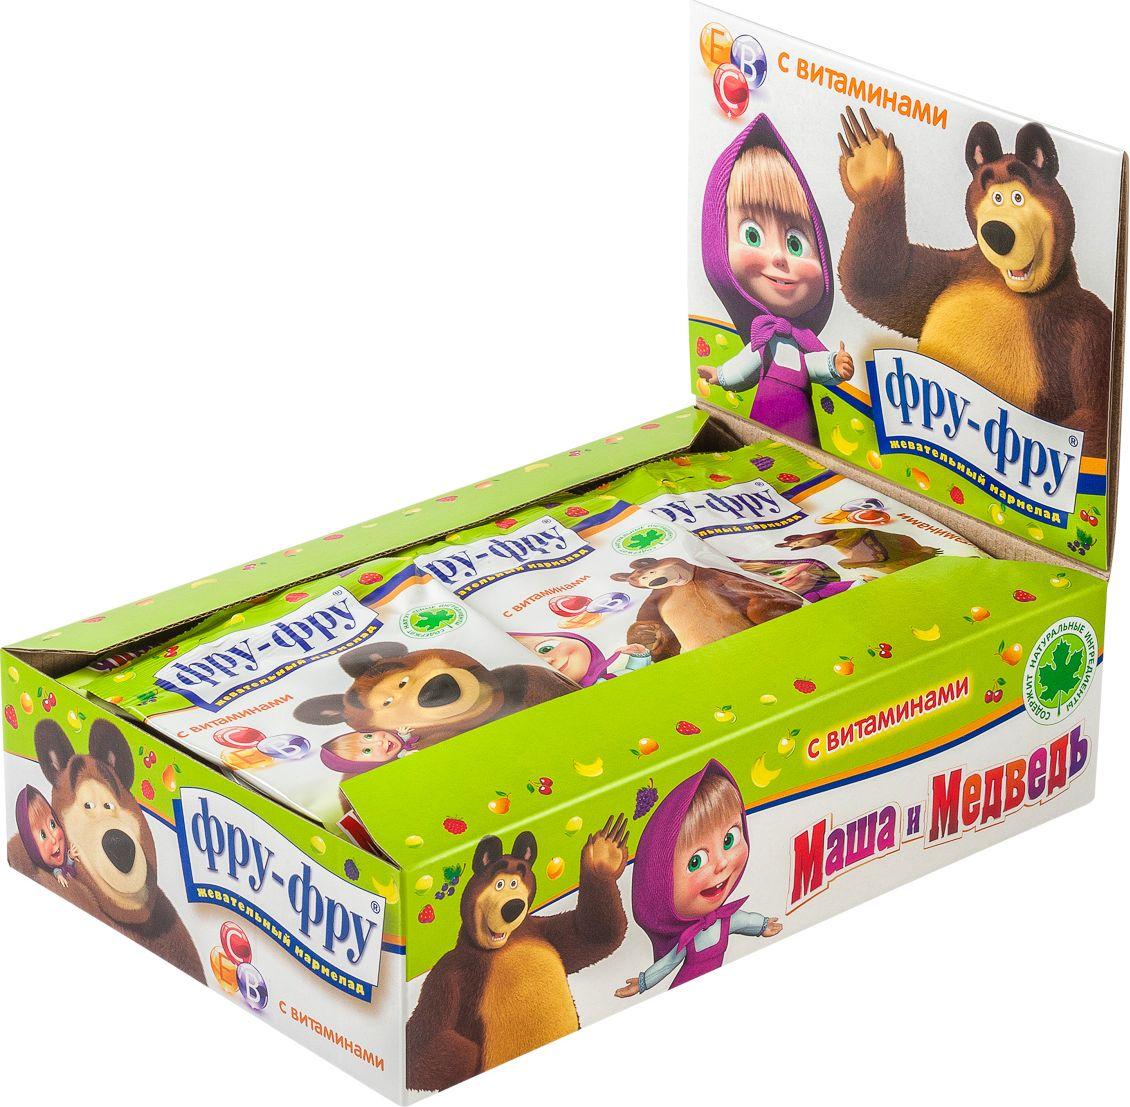 Фру-Фру Маша и Медведь Азбука мармелад жевательный с витаминами, 720 г (24 шт)